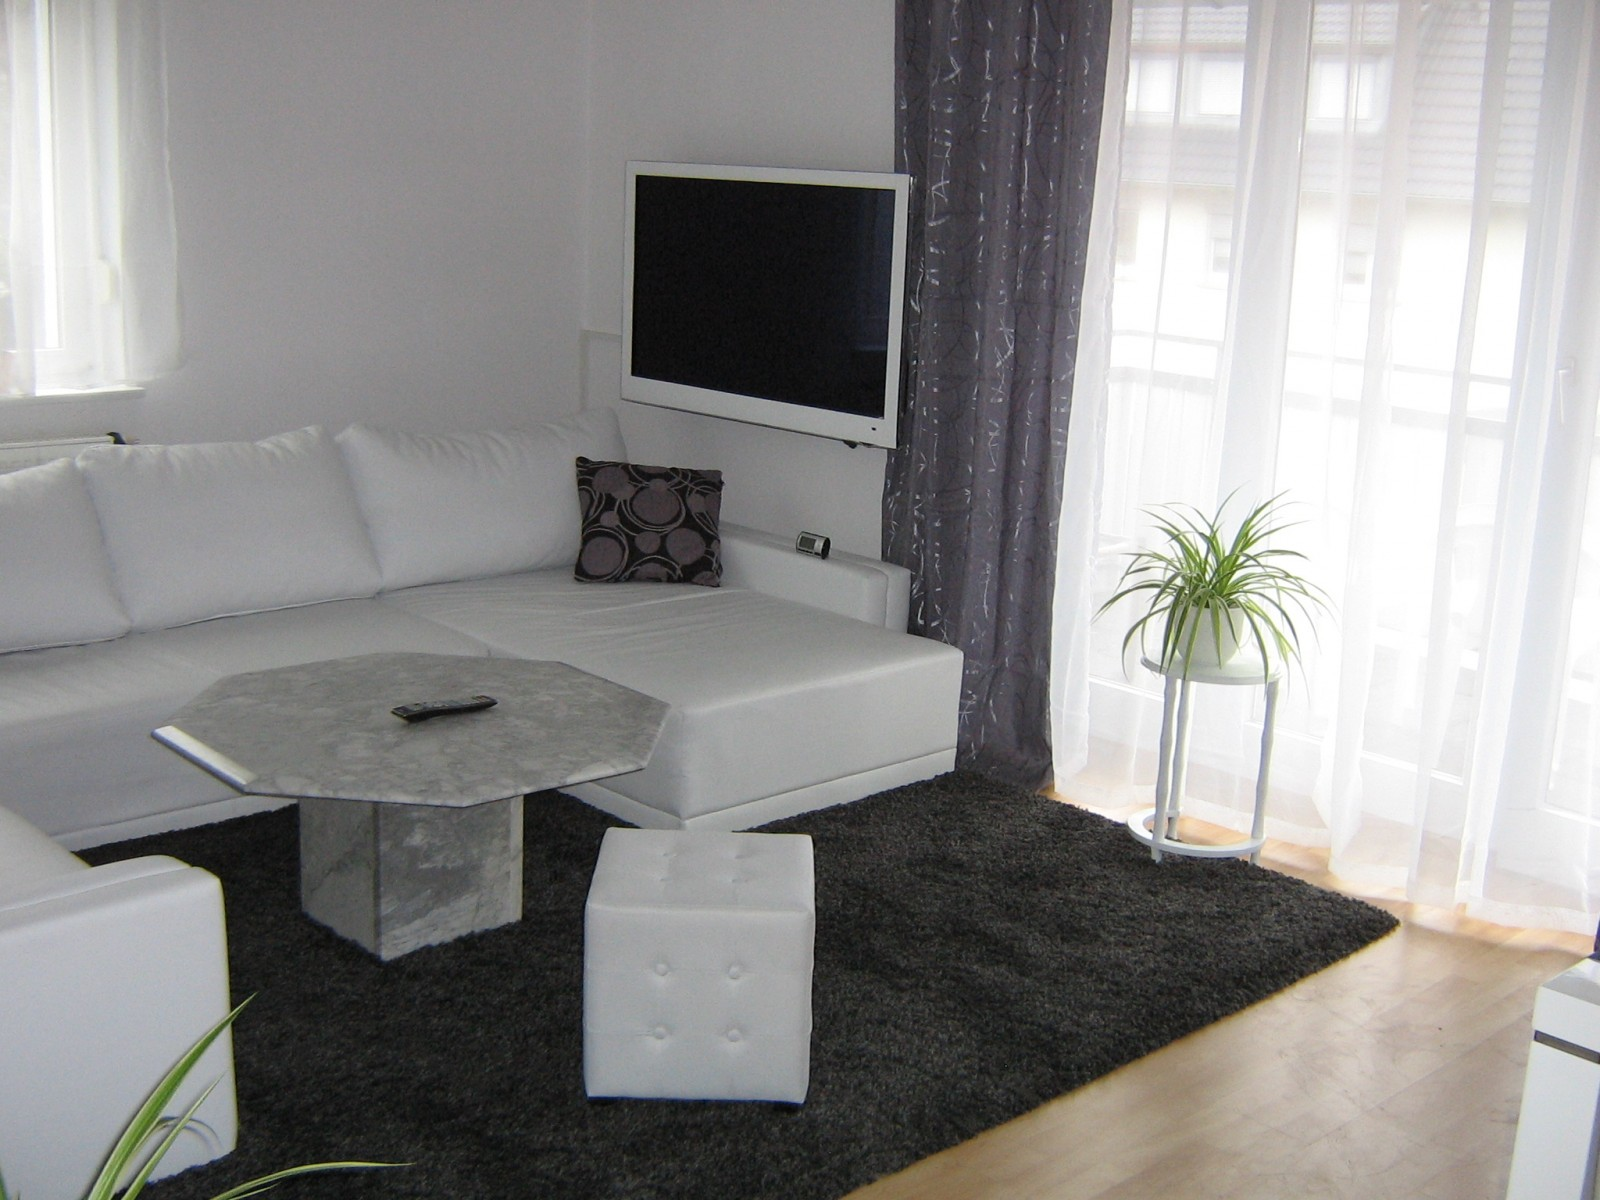 wohnzimmer 'wohnzimmer in grau weiß grÜn' - mein domizil mit neuen ... - Wohnzimmer Grun Grau